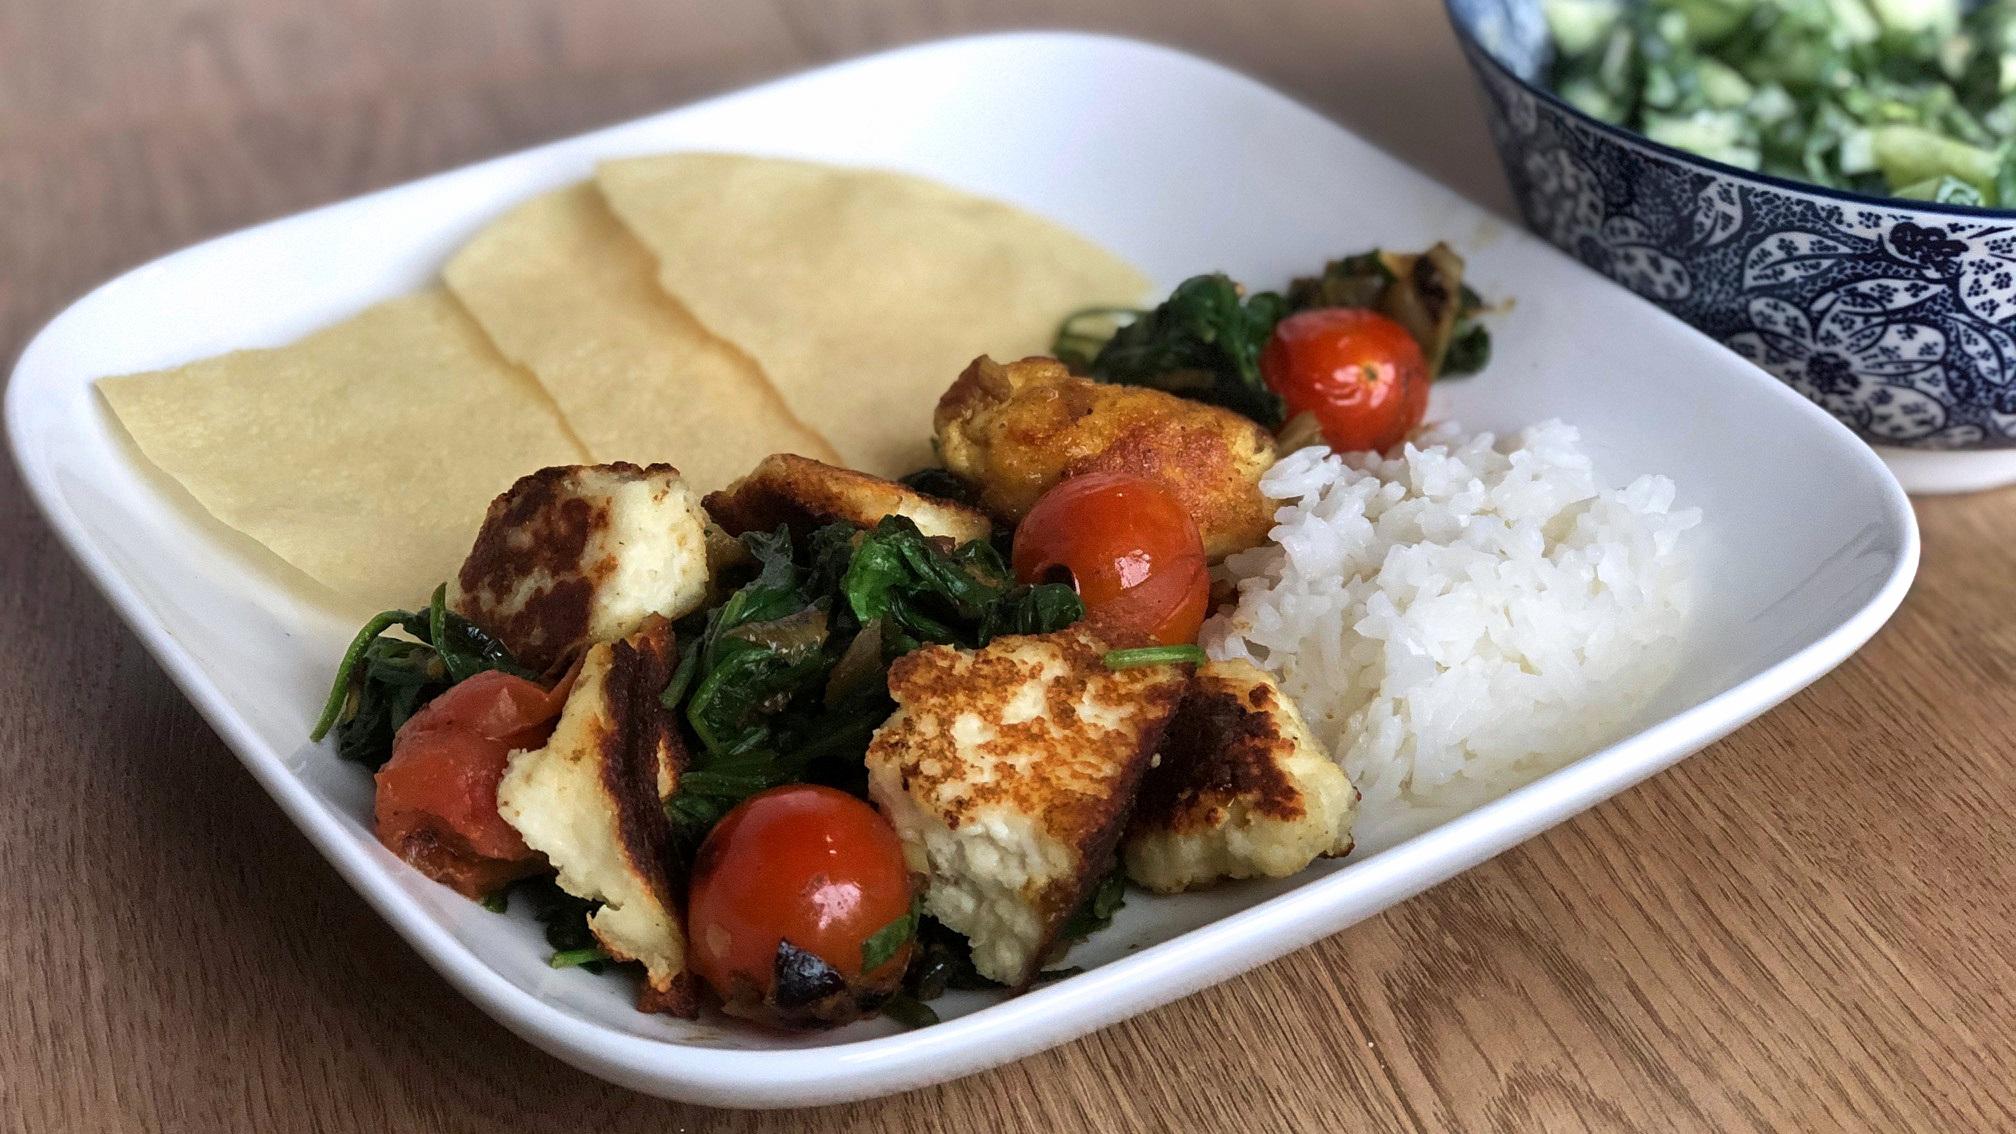 Indiase paneer met verse spinazie en tomaatjes